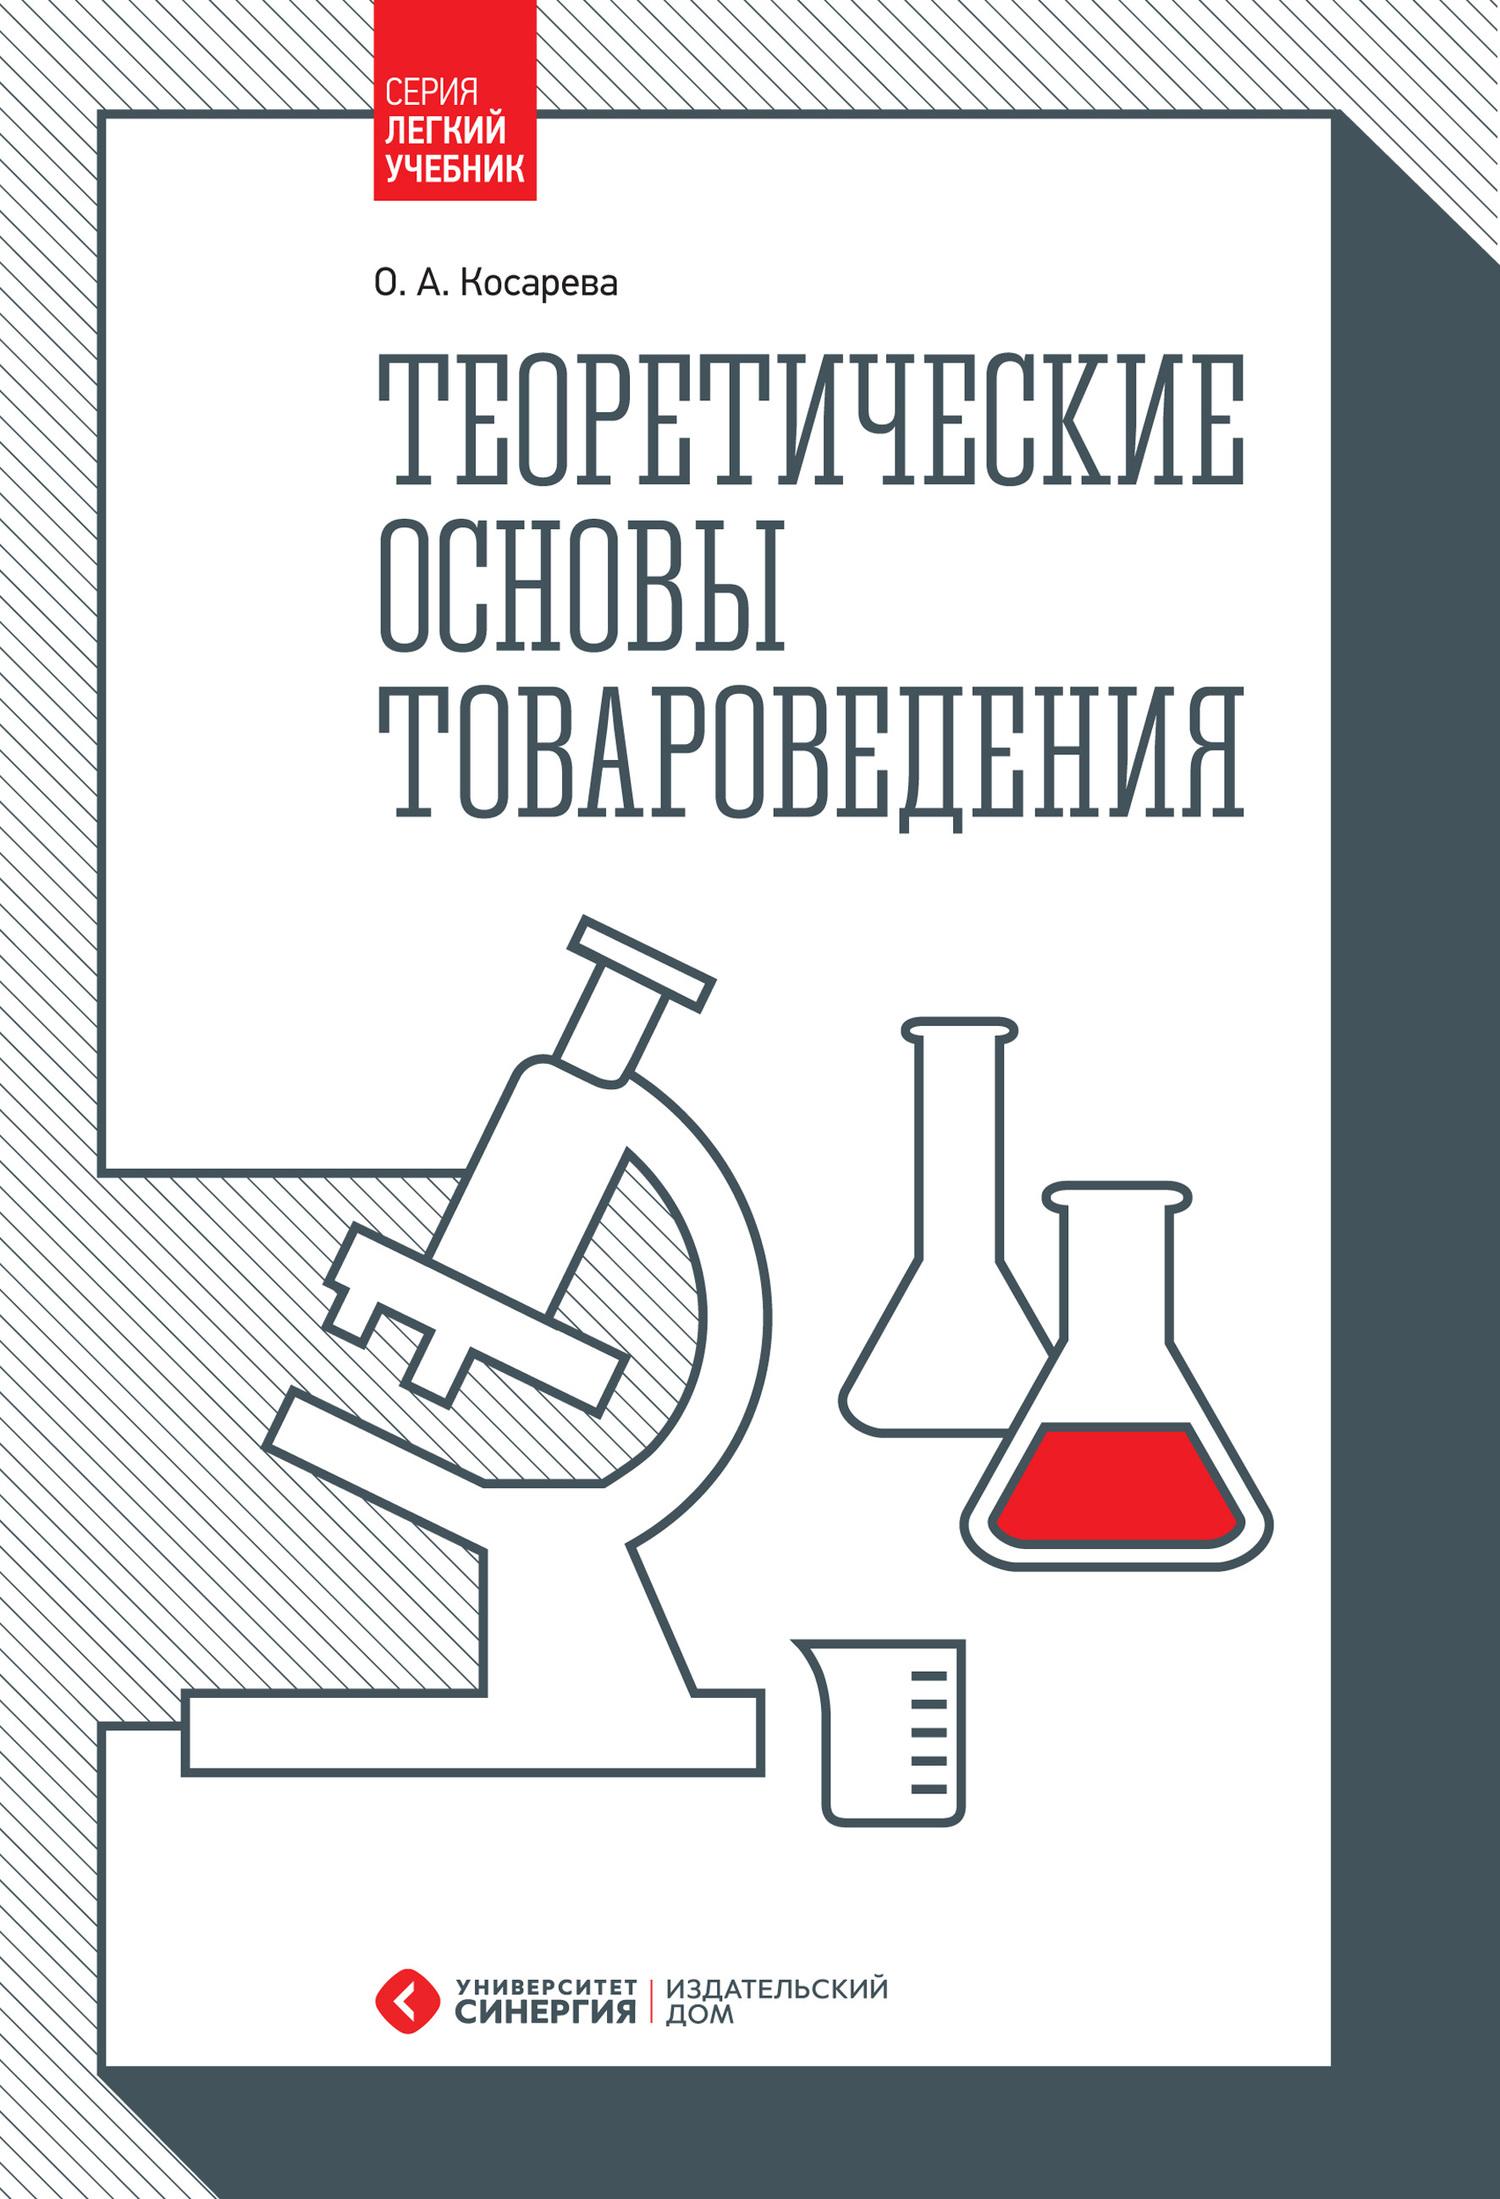 Обложка книги Теоретические основы товароведения, автор О. А. Косарева